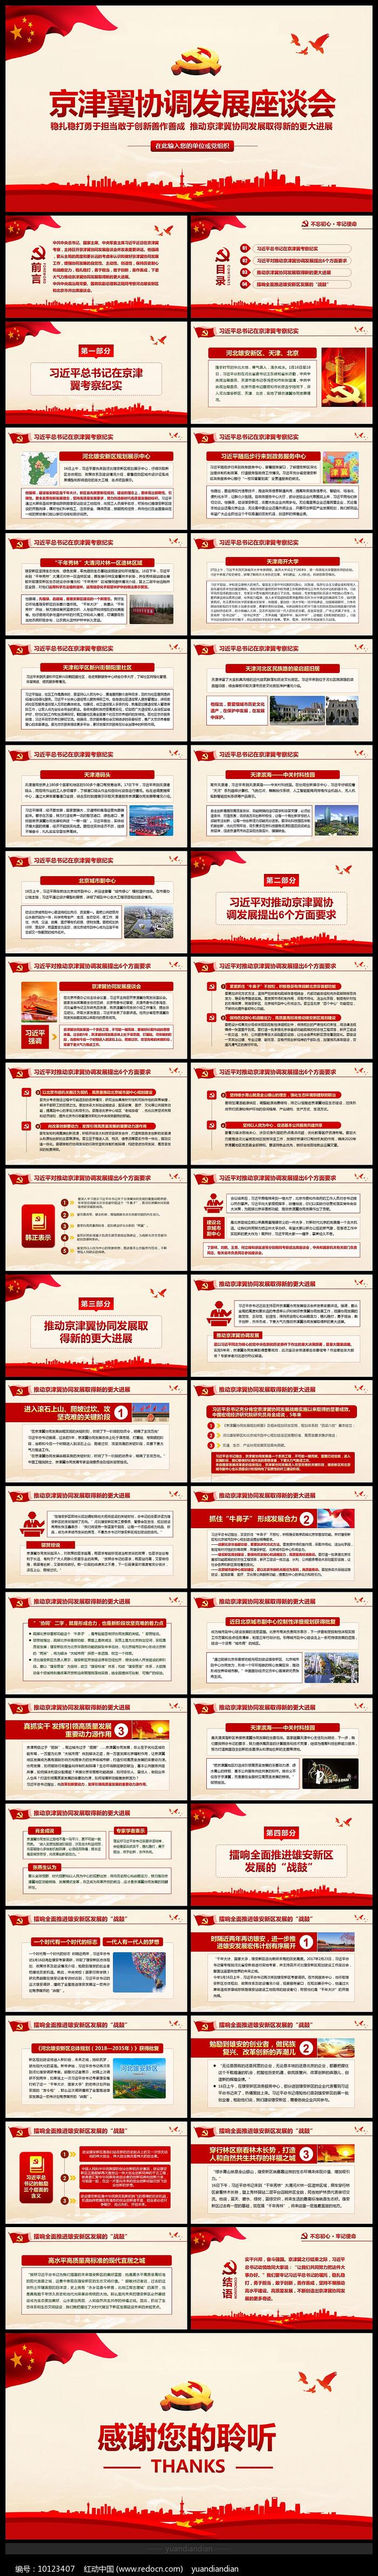 京津冀协同发展座谈会PPT图片